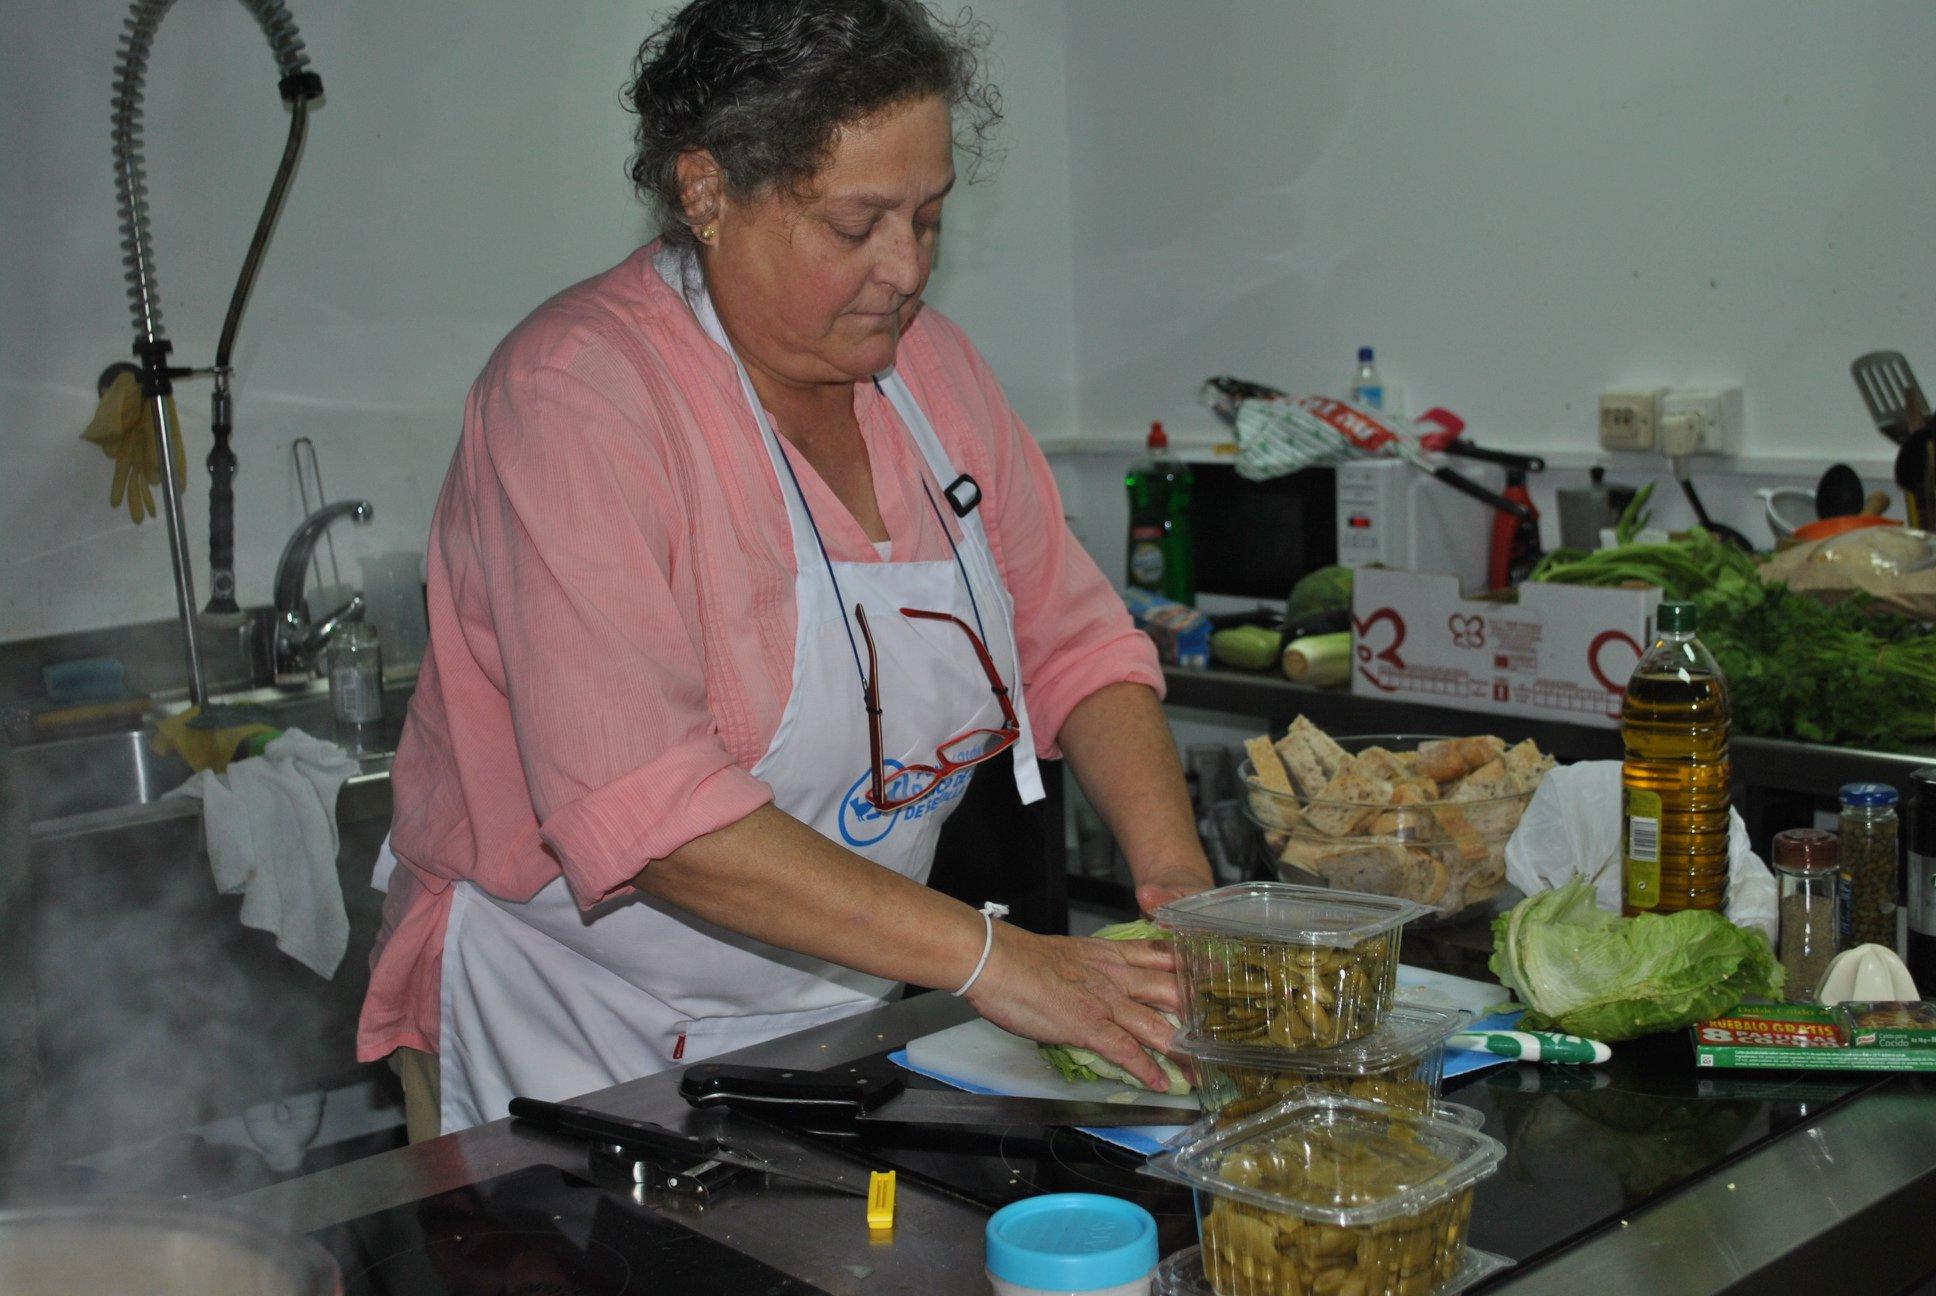 La Fundación Banco de Alimentos de Sevilla inicia sus cursos de cocina de aprovechamiento - AFA - Asociaciones y Fundaciones Andaluzas